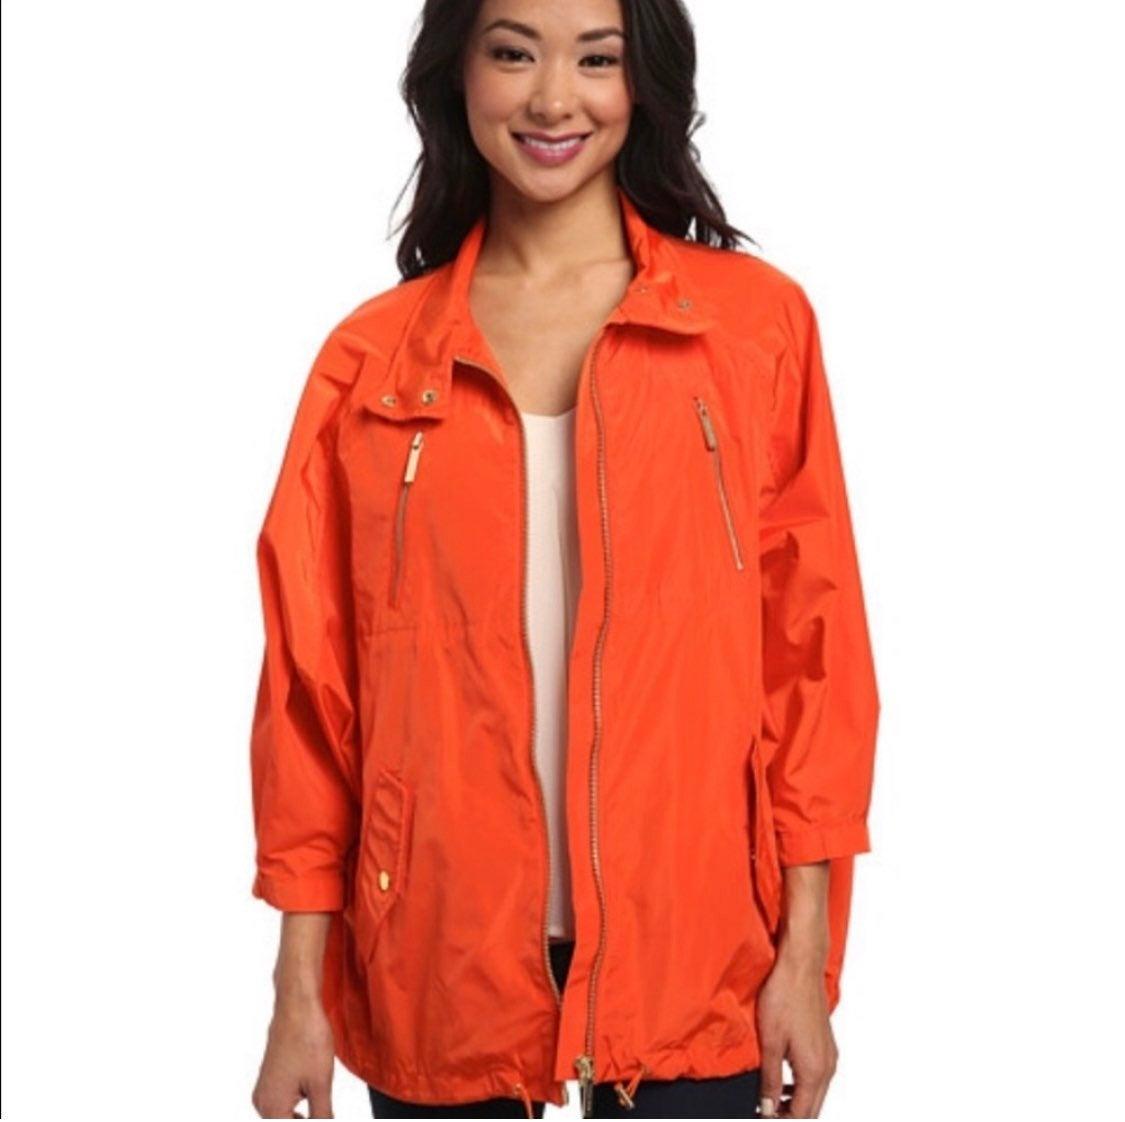 Michael Kors Signature Orange Jacket